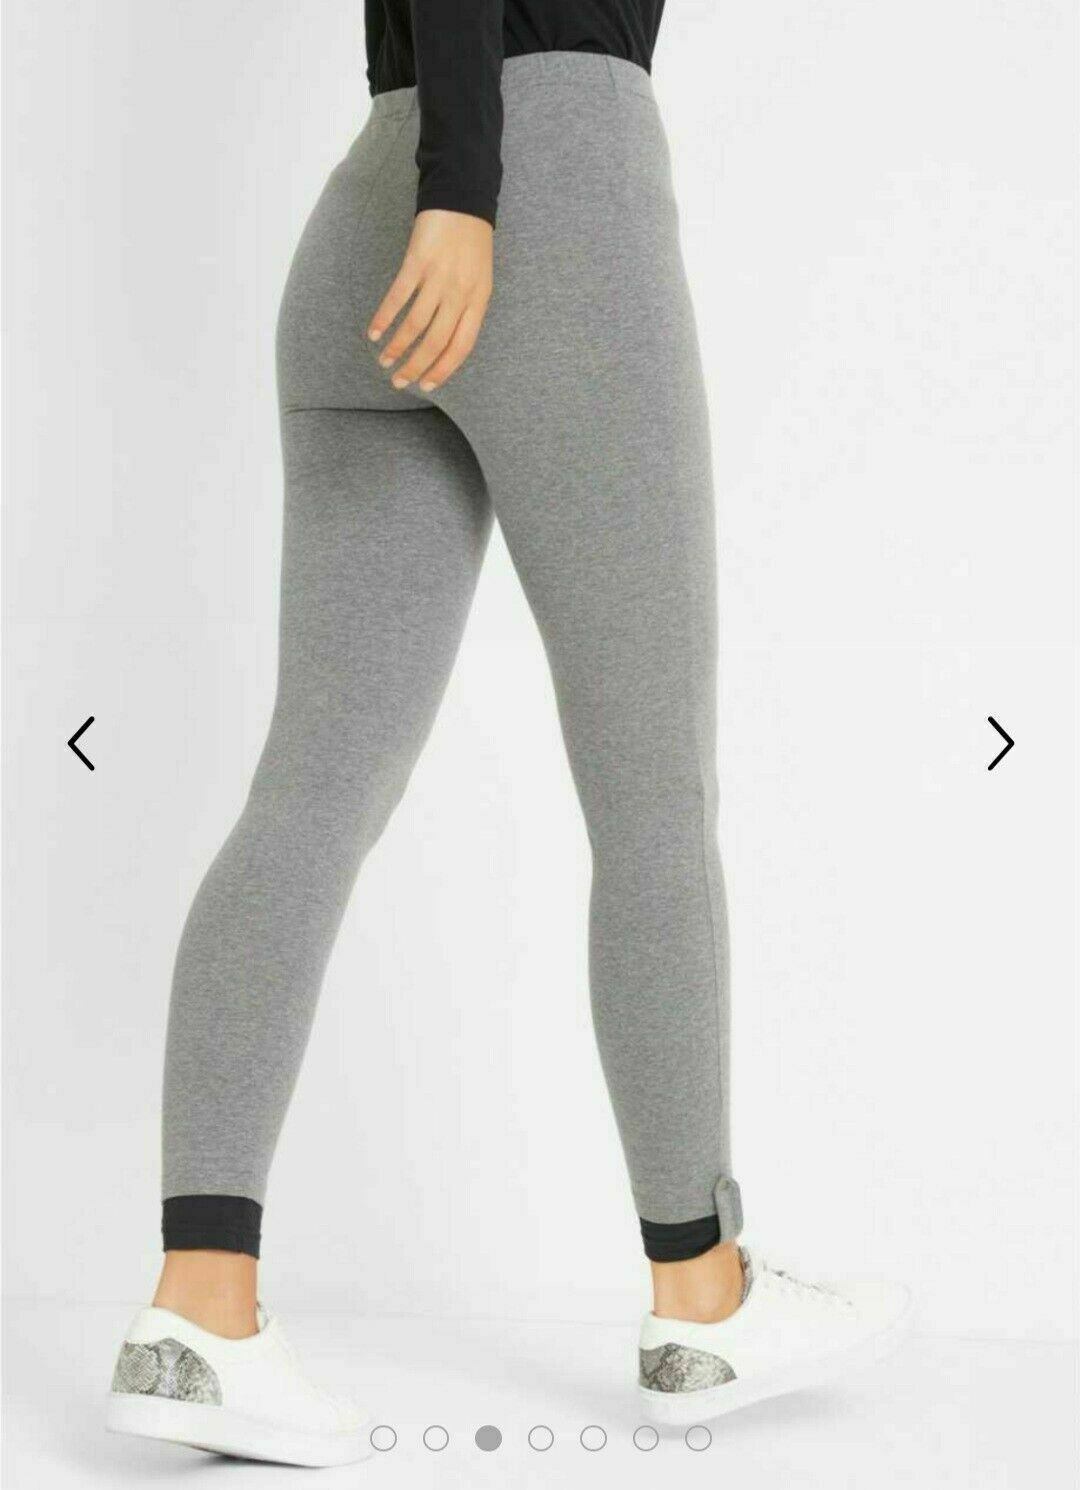 Sport Stretch Legging Grey Marl Size 40 (NEW!!!)